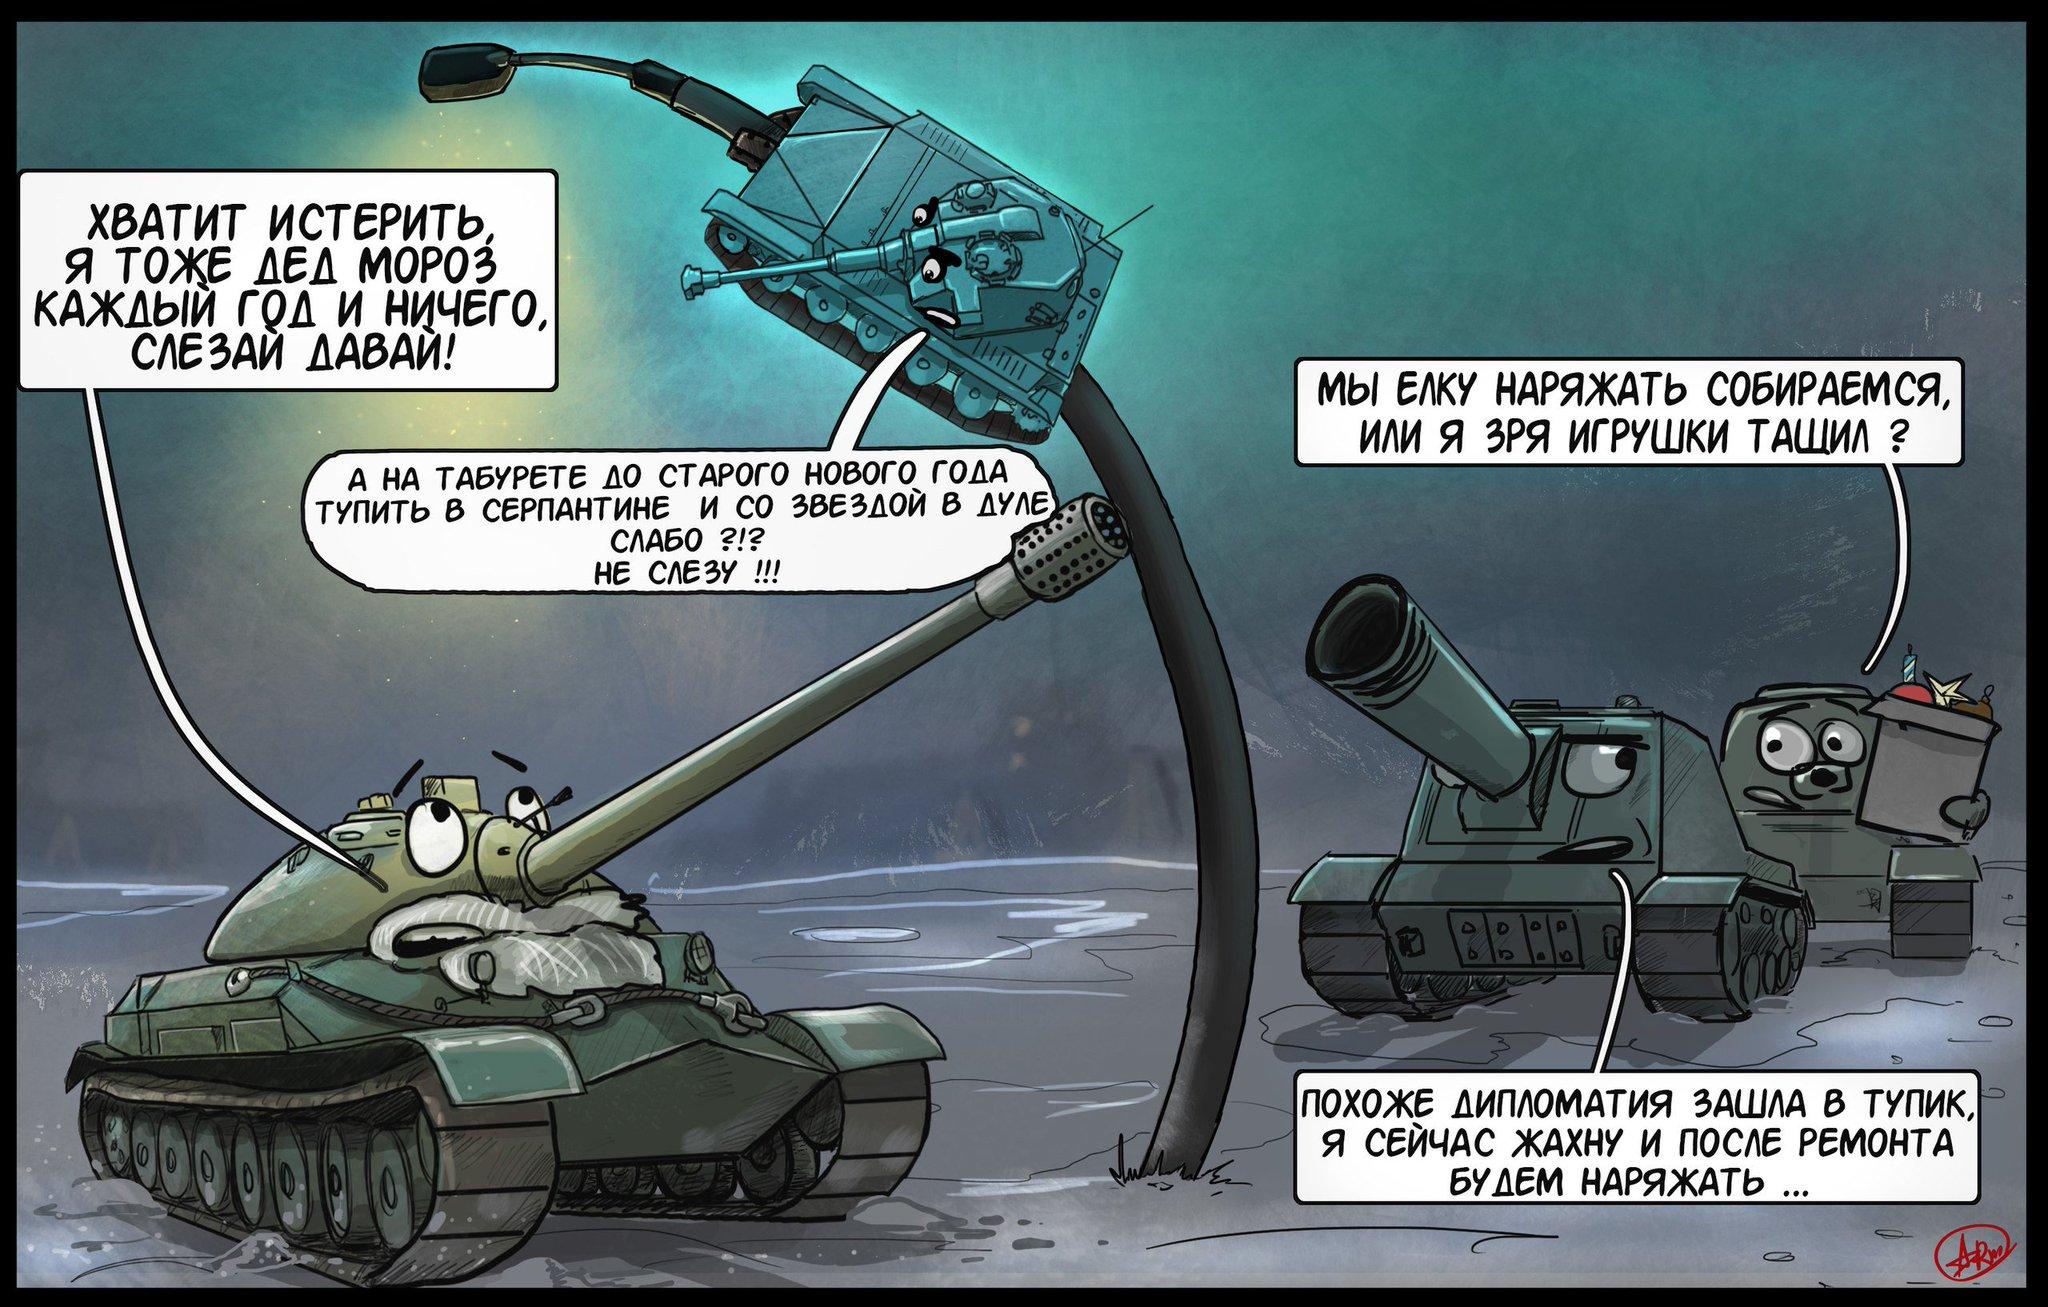 чтоб картинки смешные ворд оф танкс состоит спрессованных гравитацией